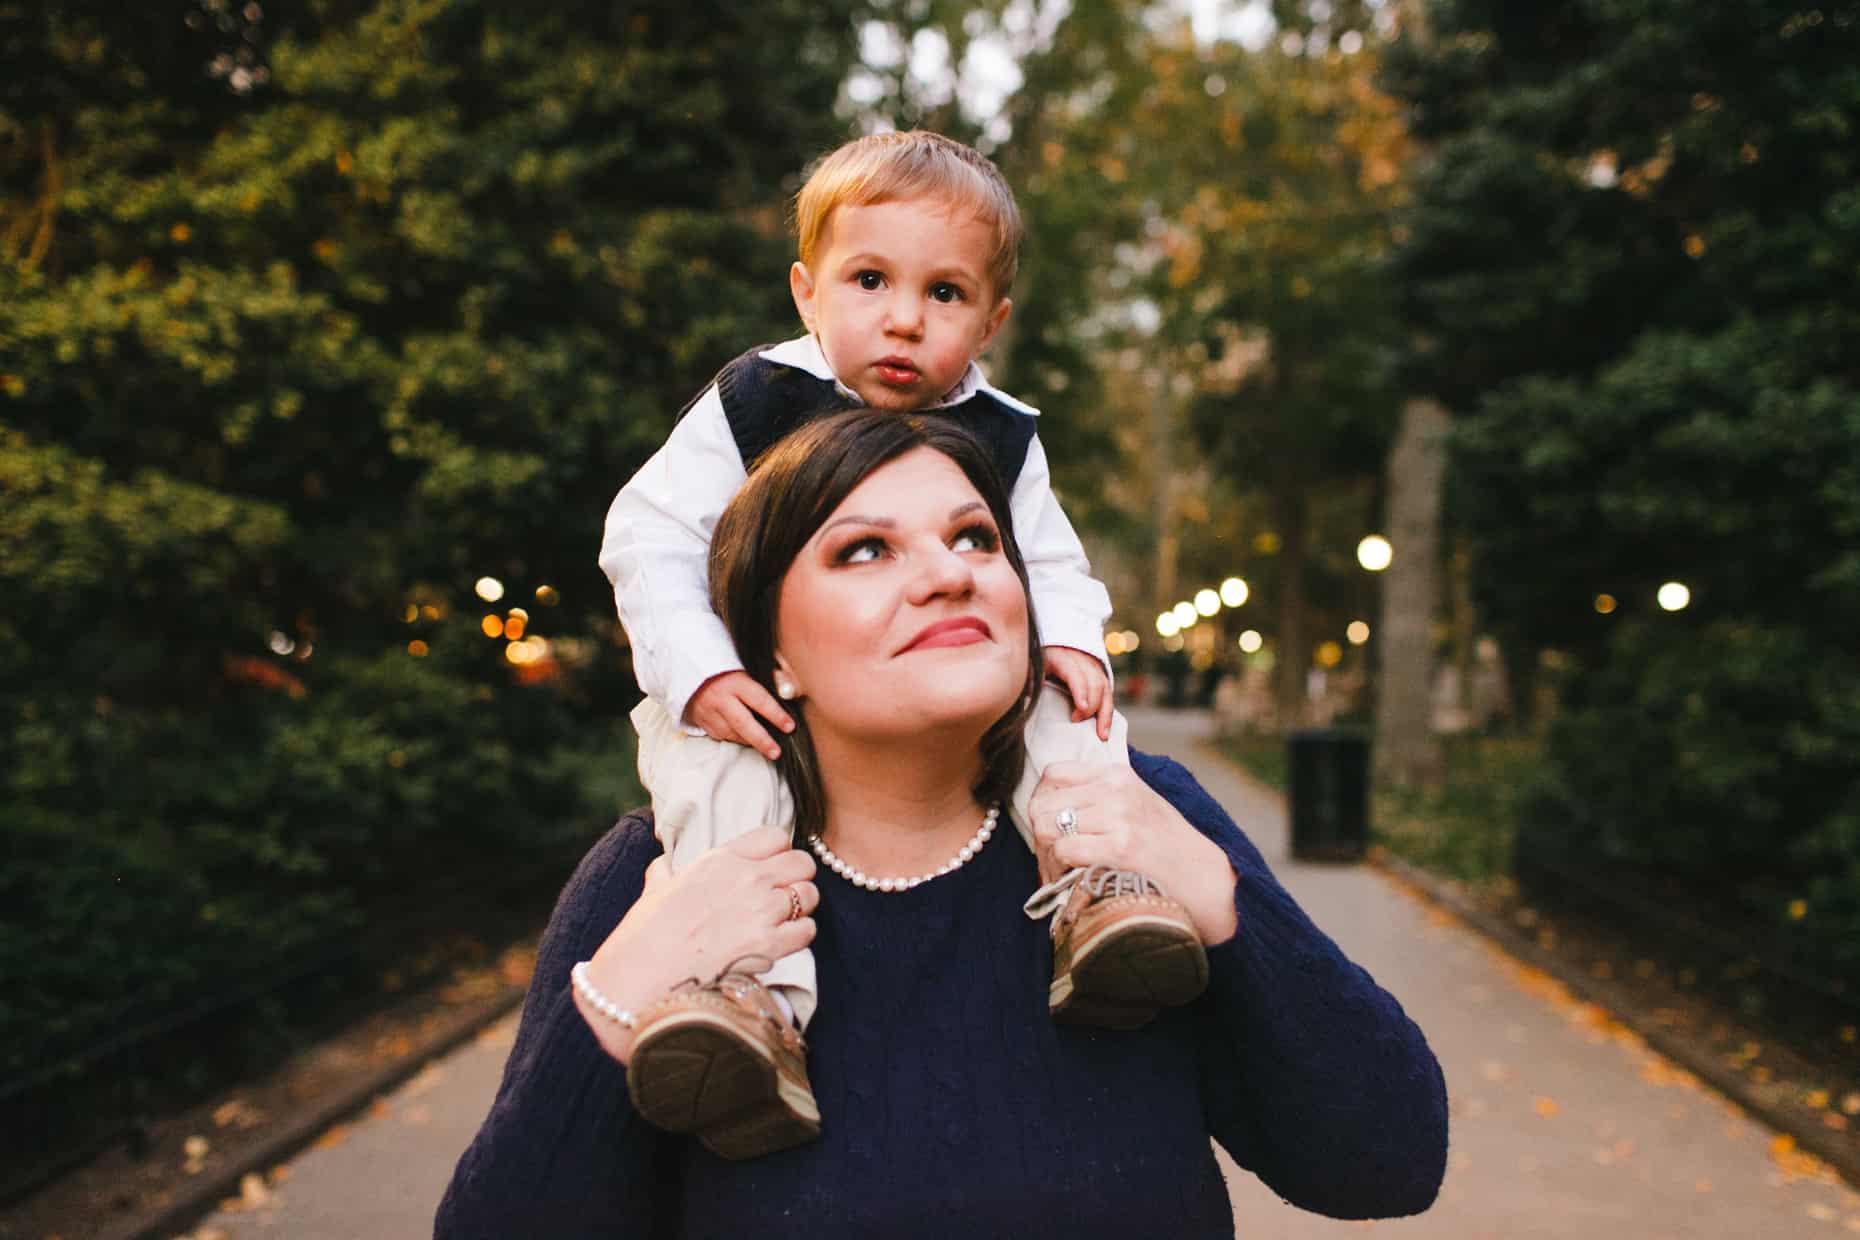 Family portrait photographers Philadelphia